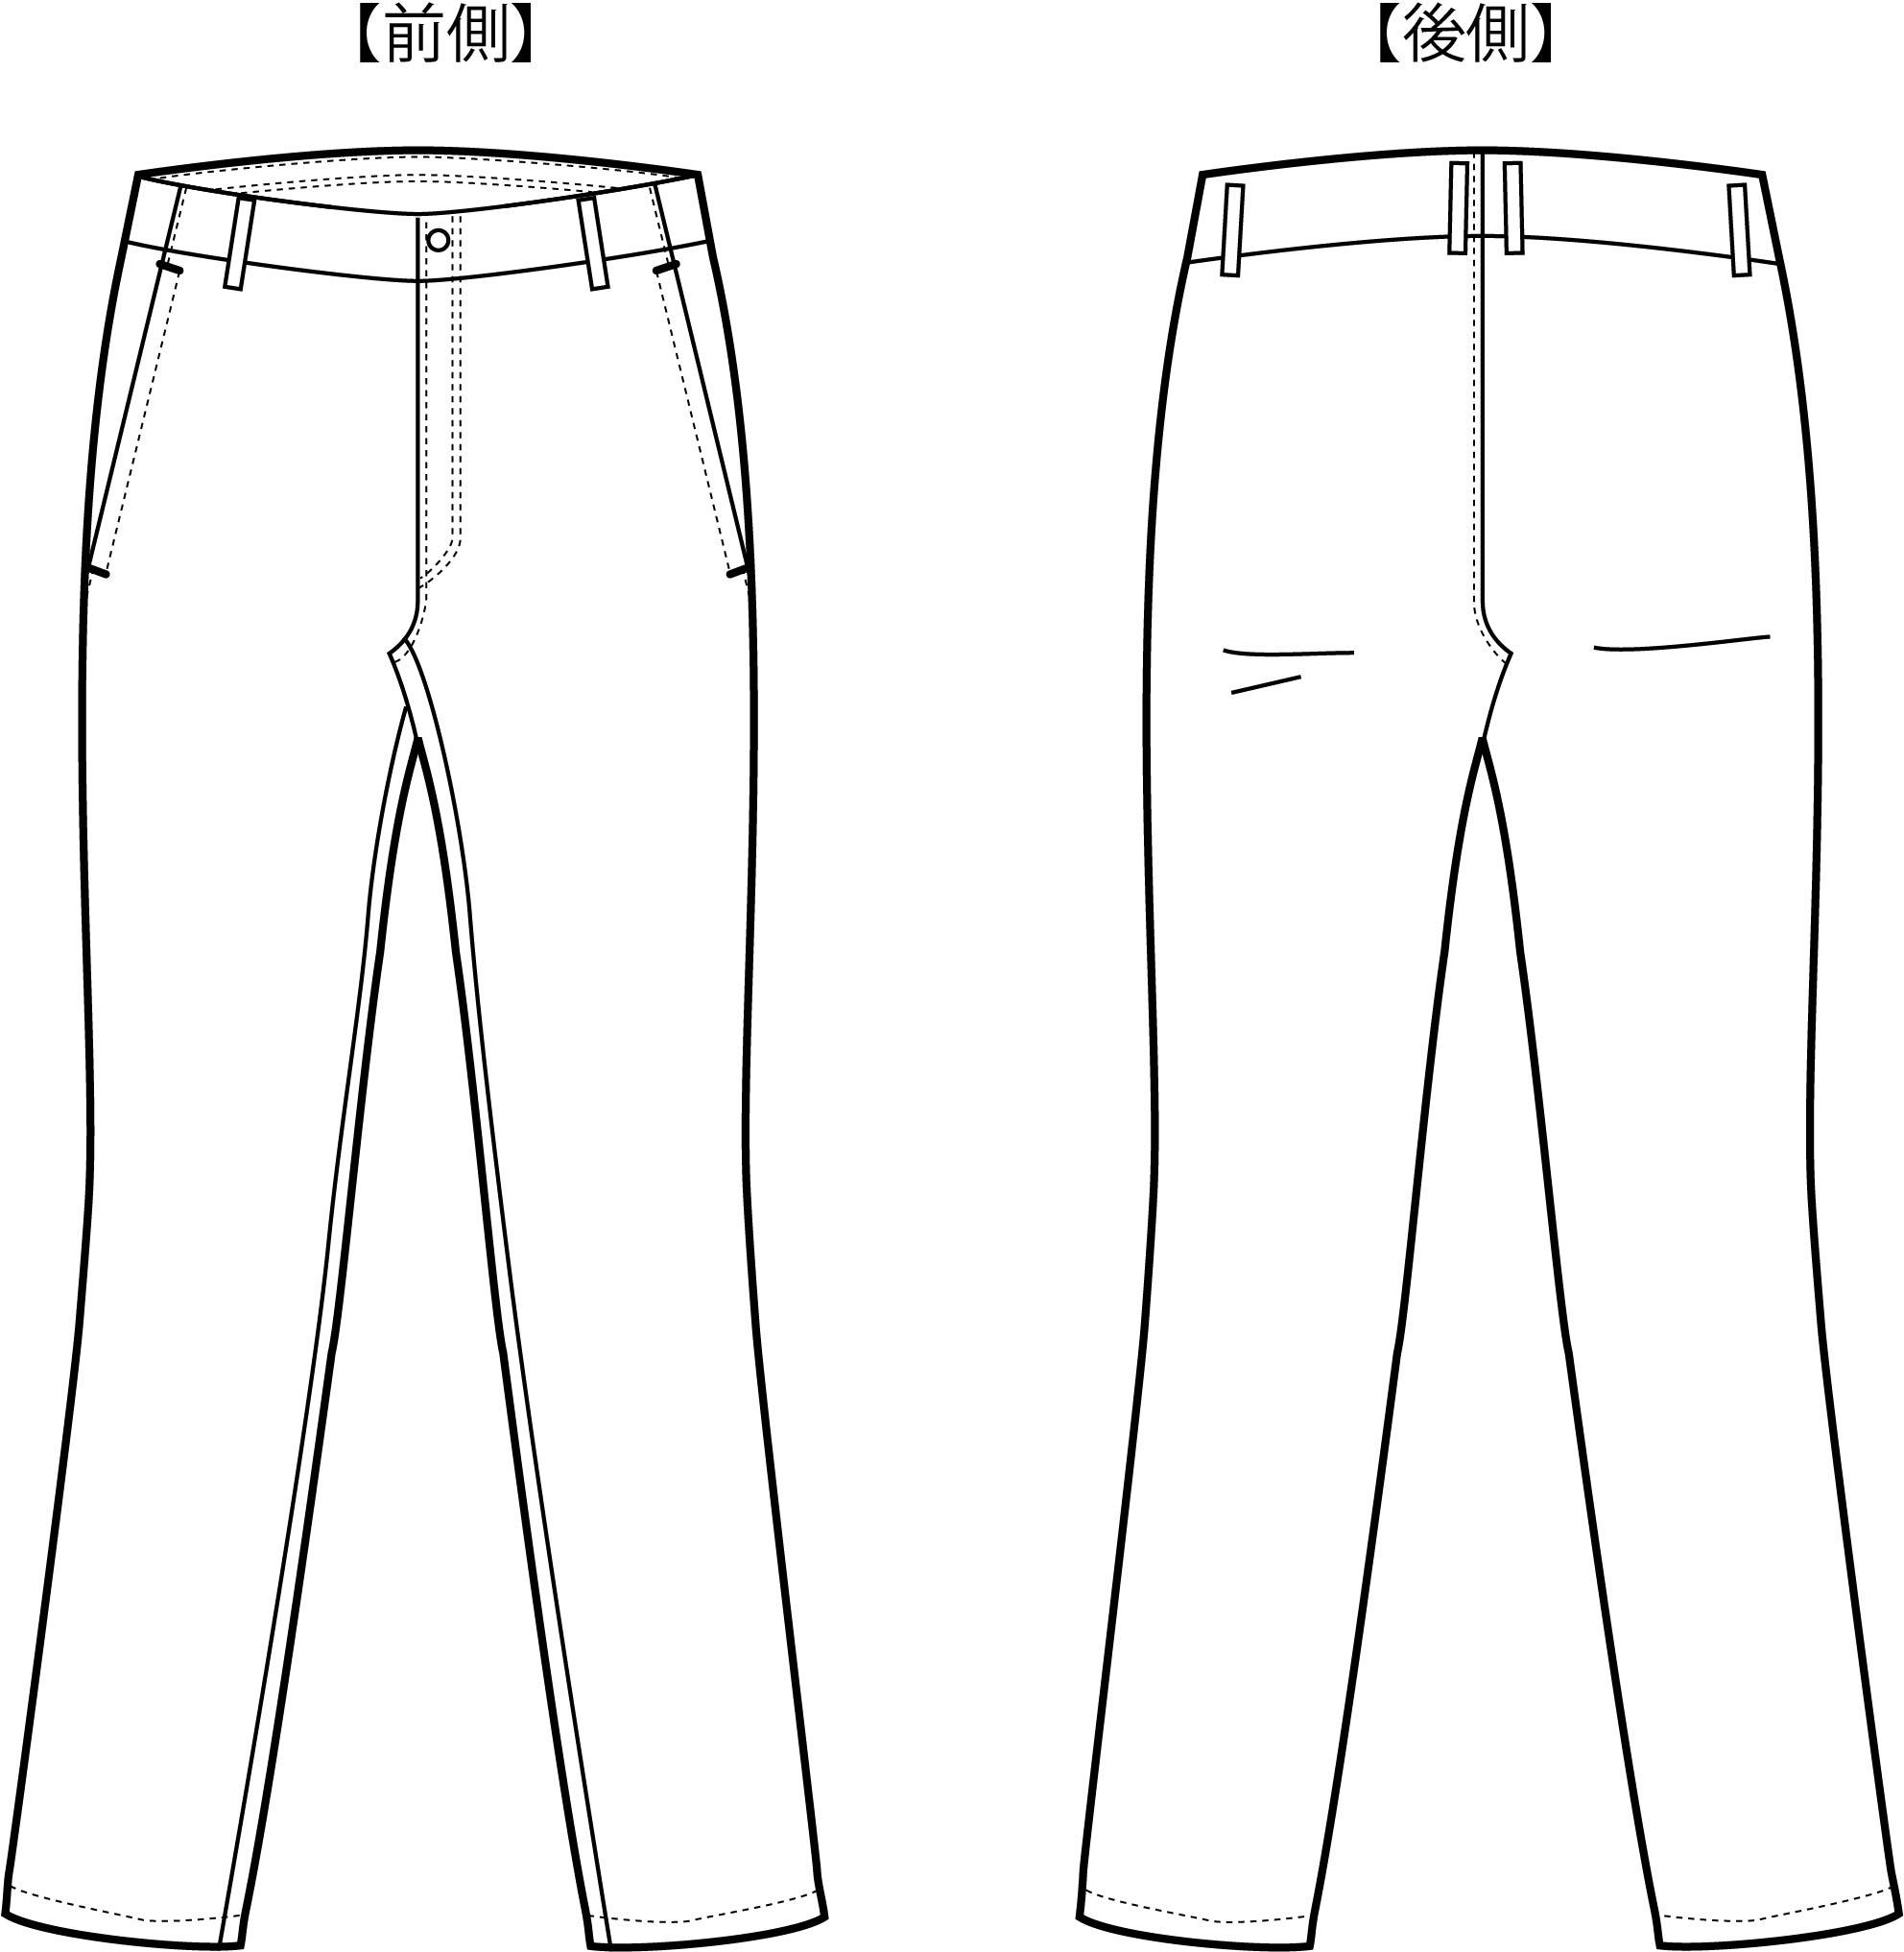 通常のズボンデザインとは一線を画したシルエットに特徴がある特許取得